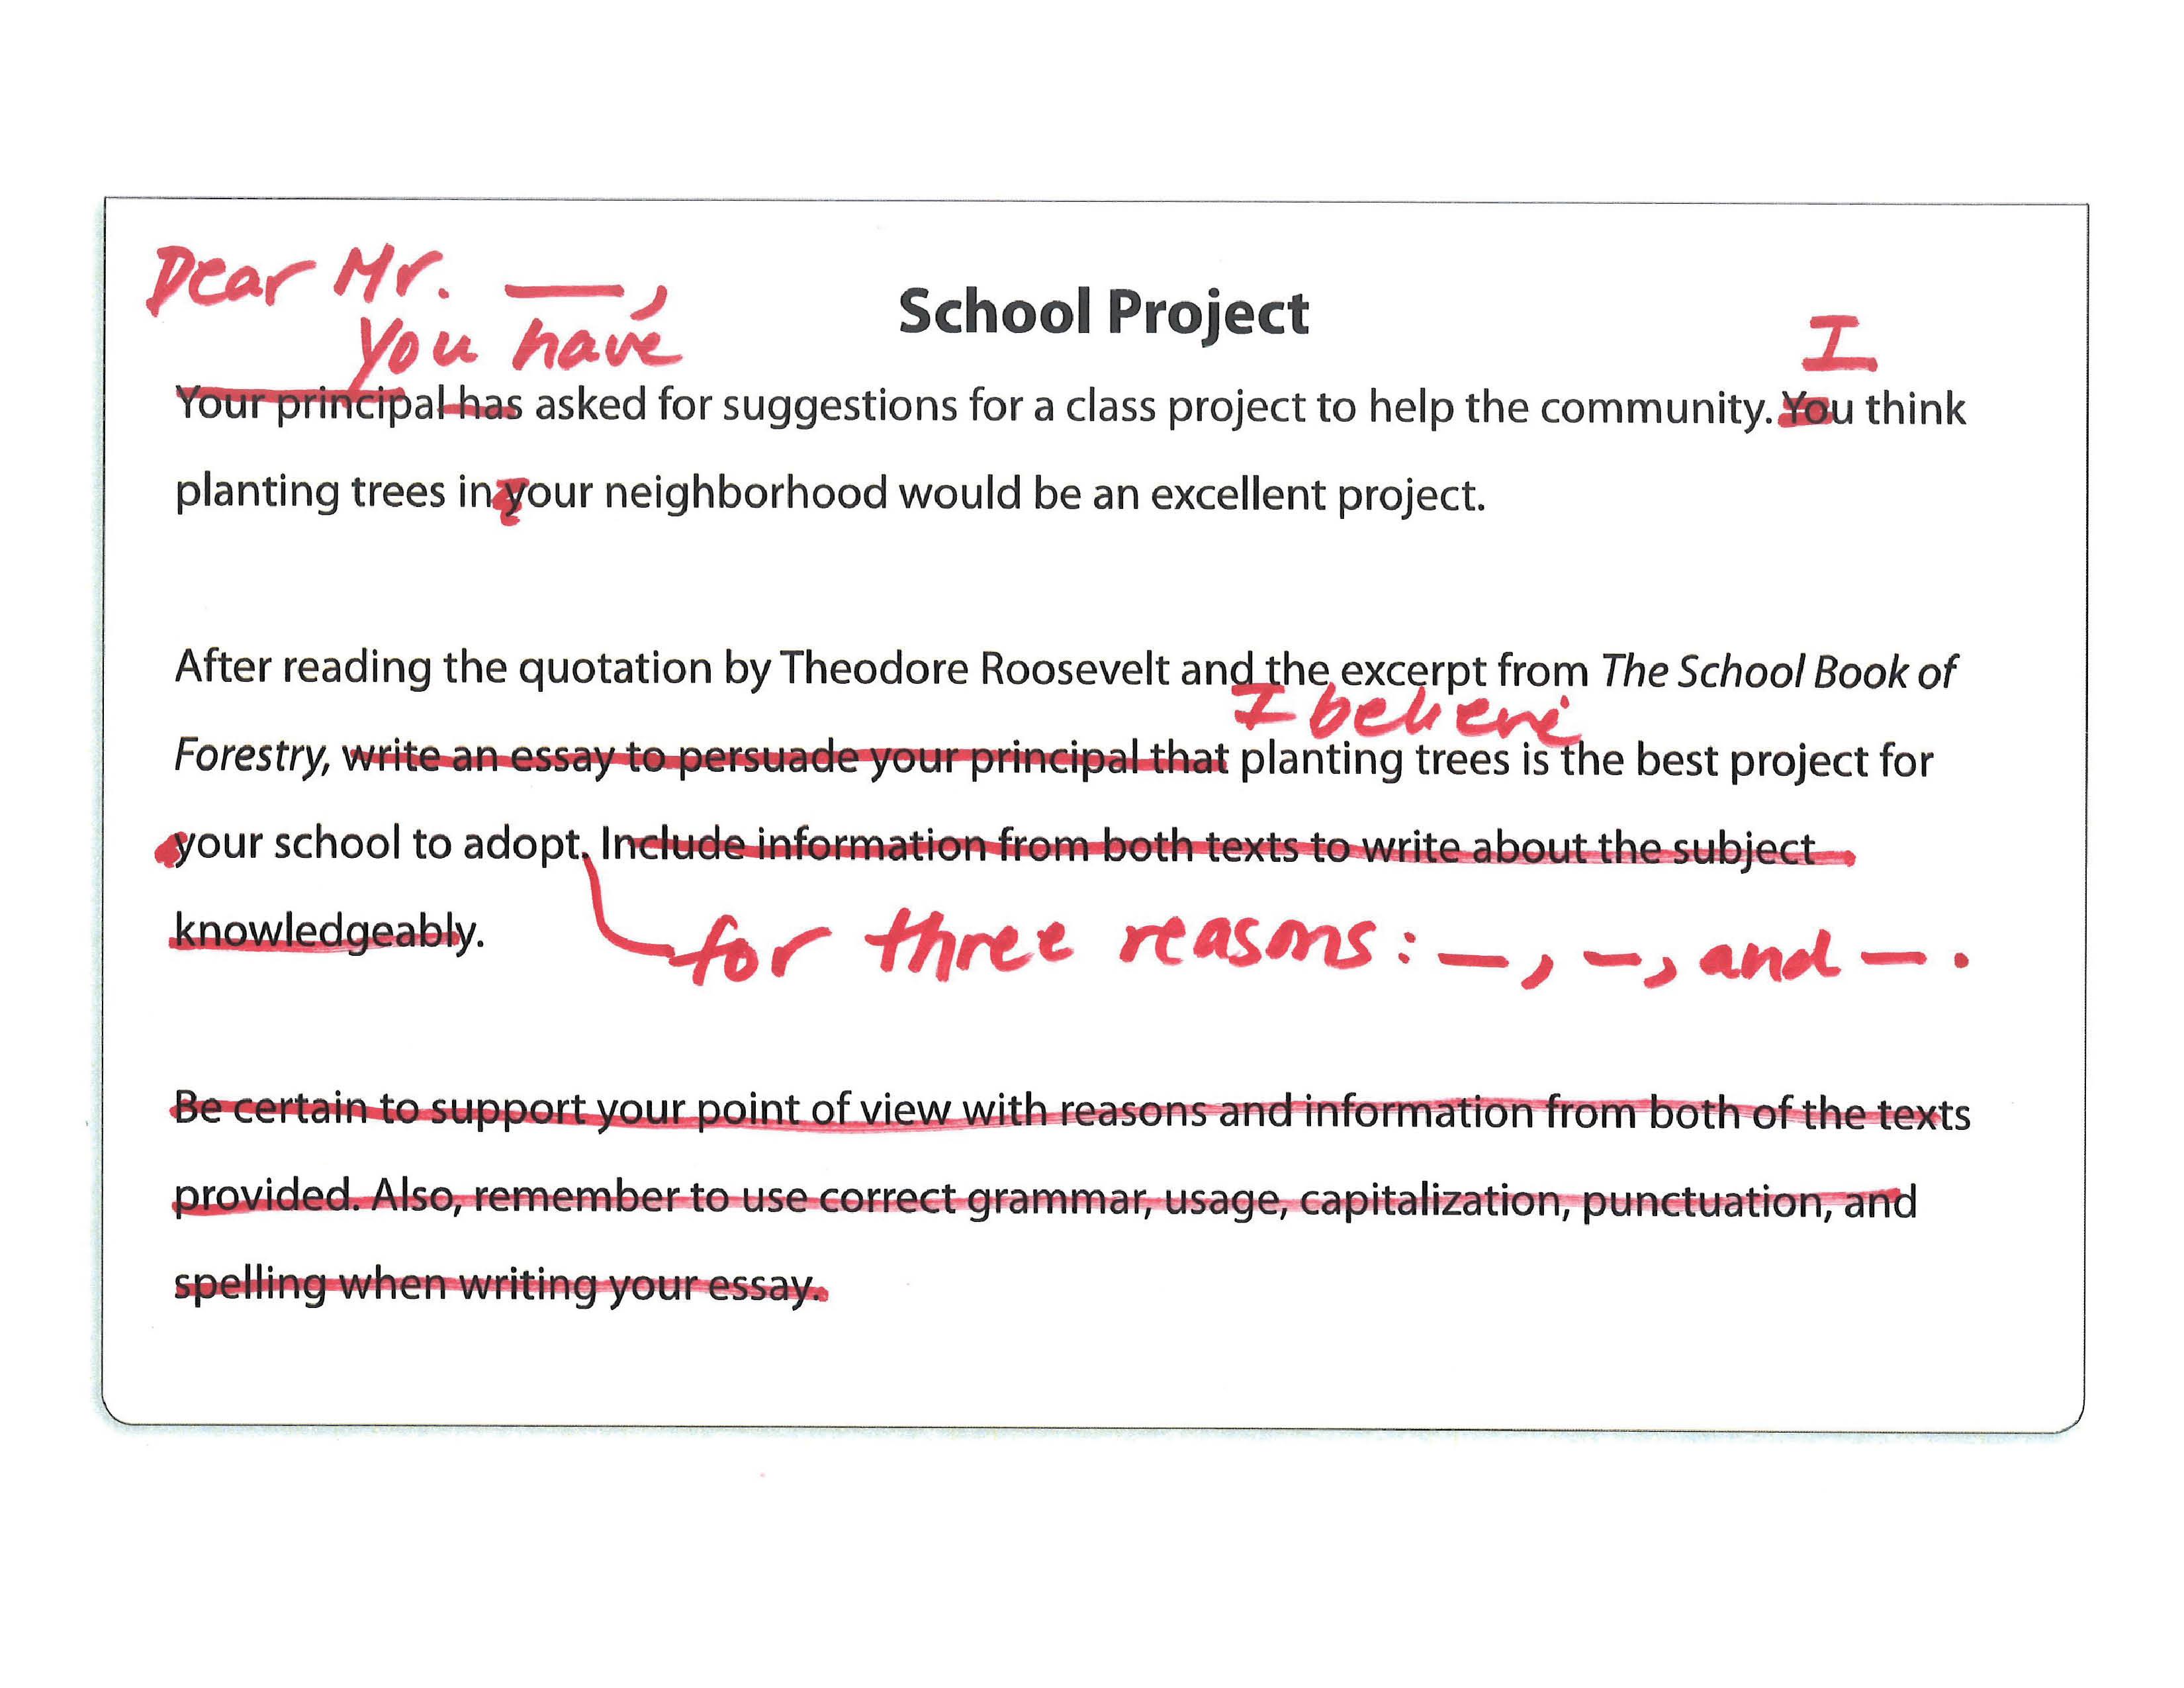 010 Faq  School Project Jpeg Prompt Definition Essay FascinatingFull